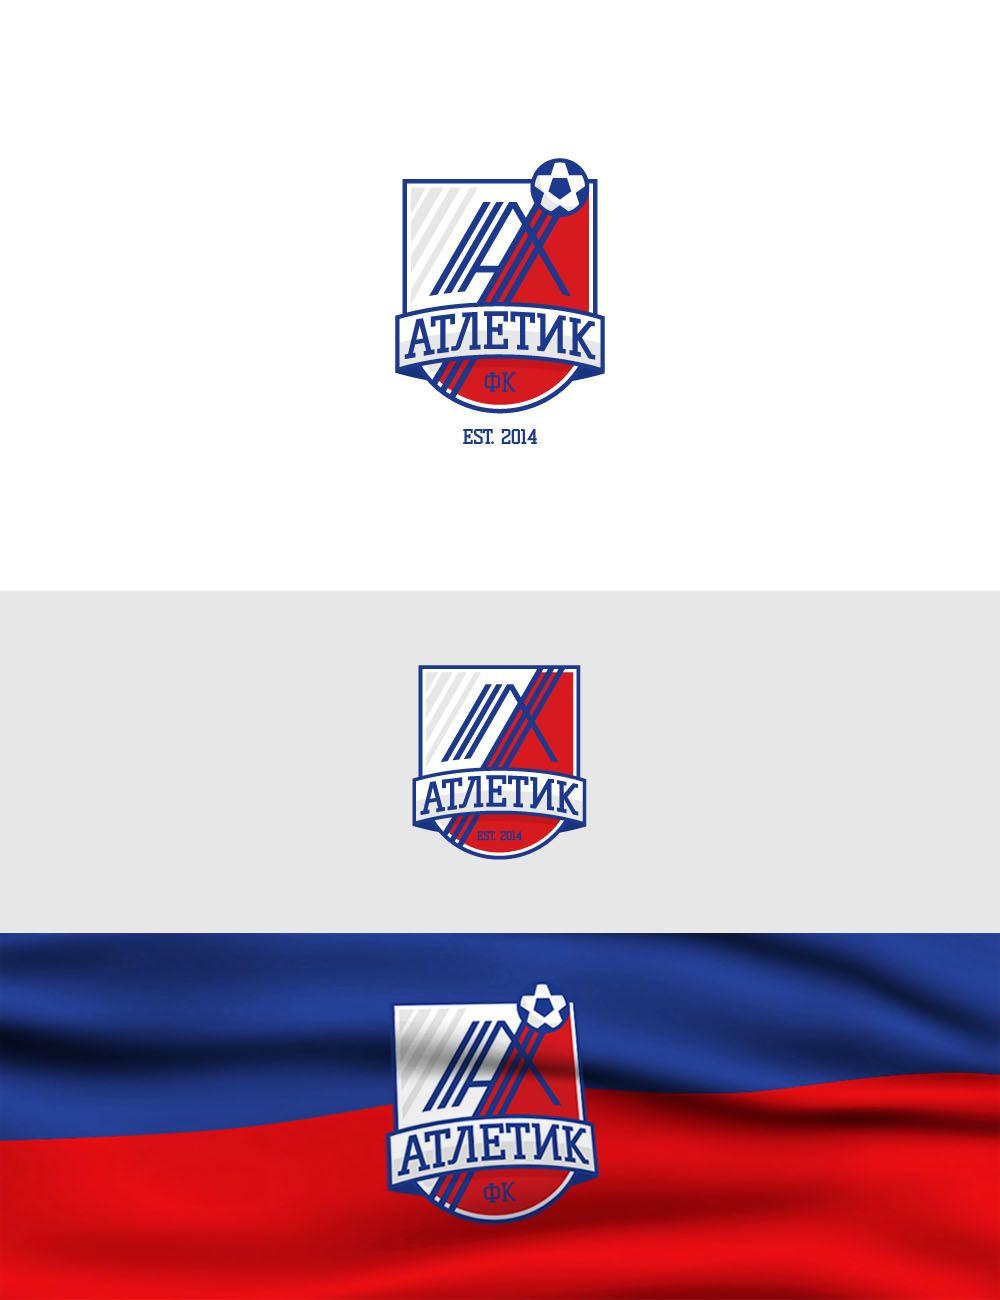 Логотип для Футбольного клуба  - дизайнер dubite